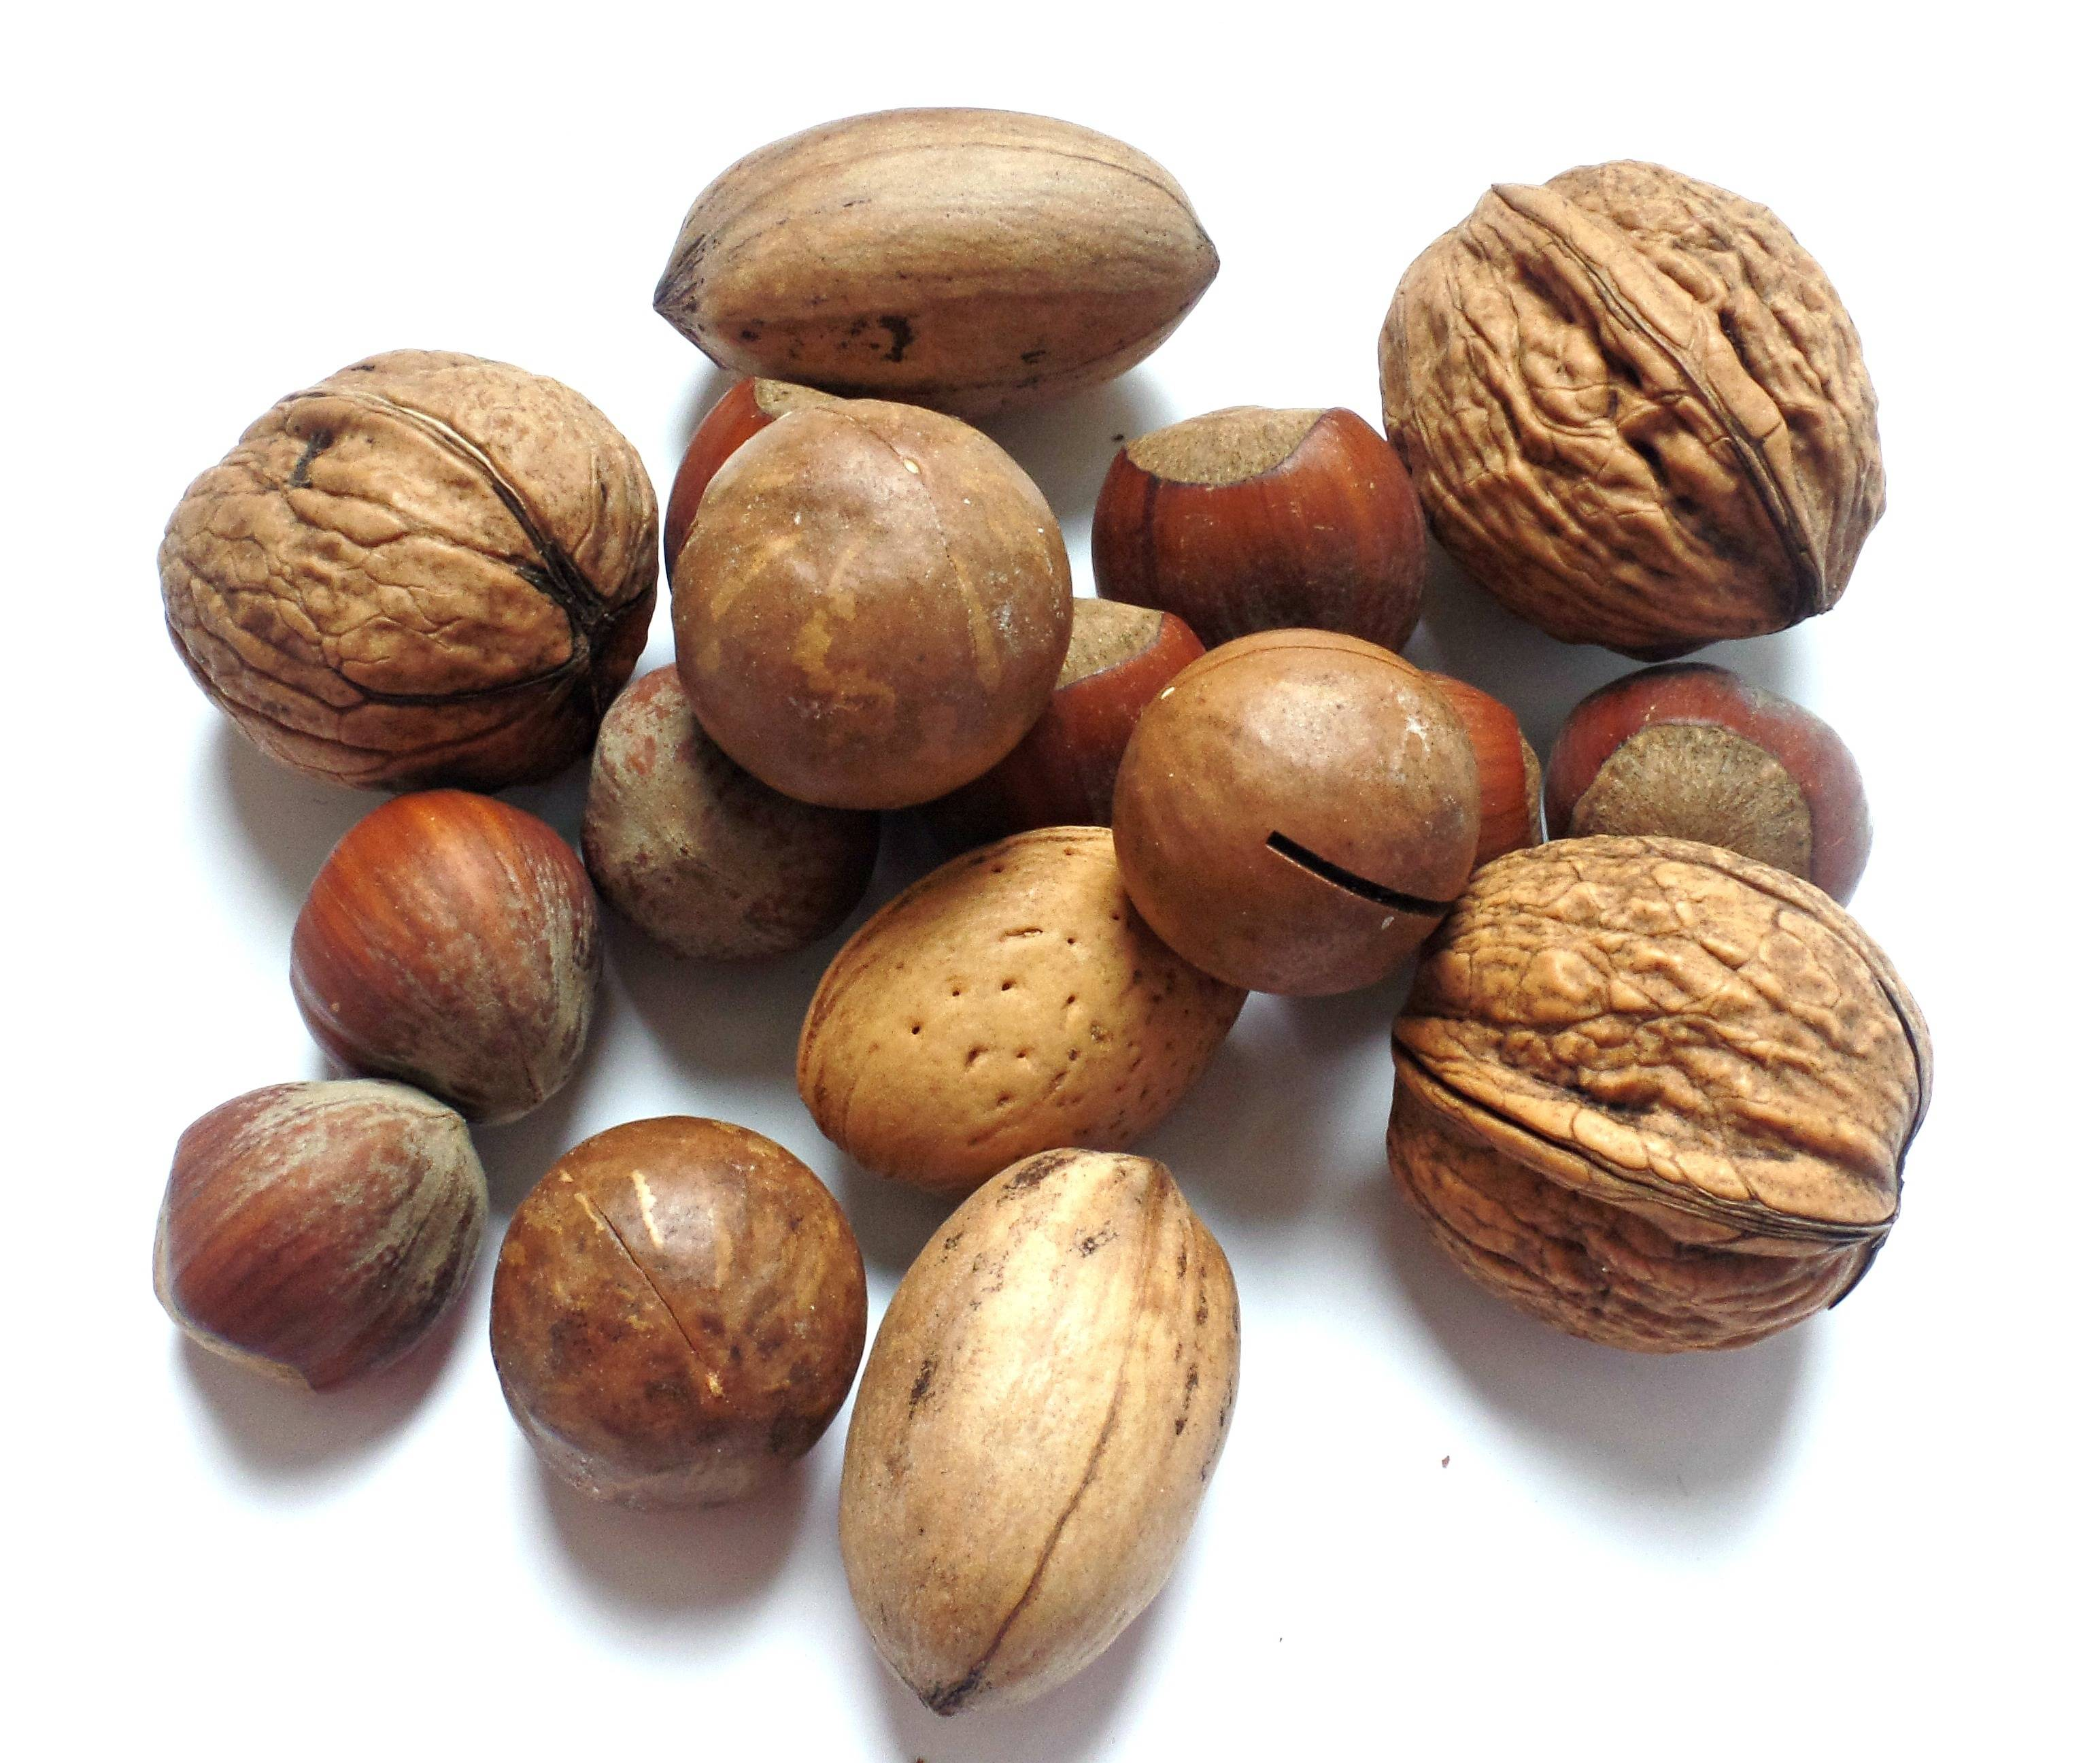 Виды орехов: популярные сорта, особенности применения и свойства орехов (90 фото)